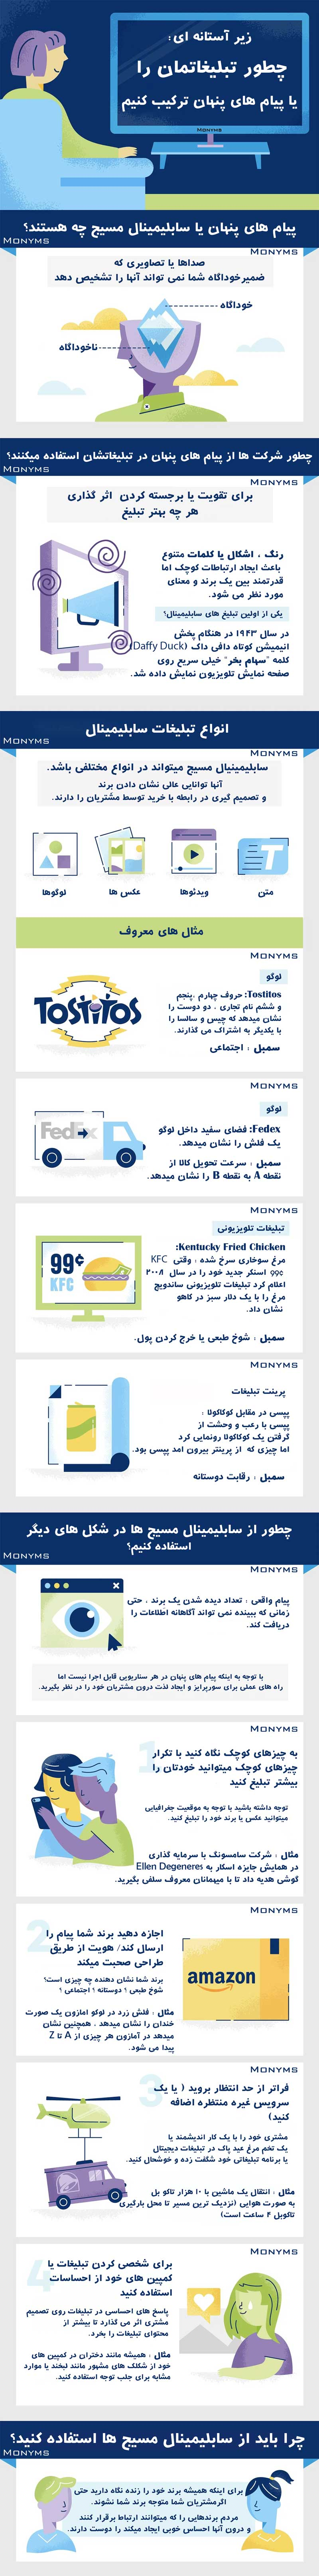 اینفوگرافیک تبلیغات سابلیمینال